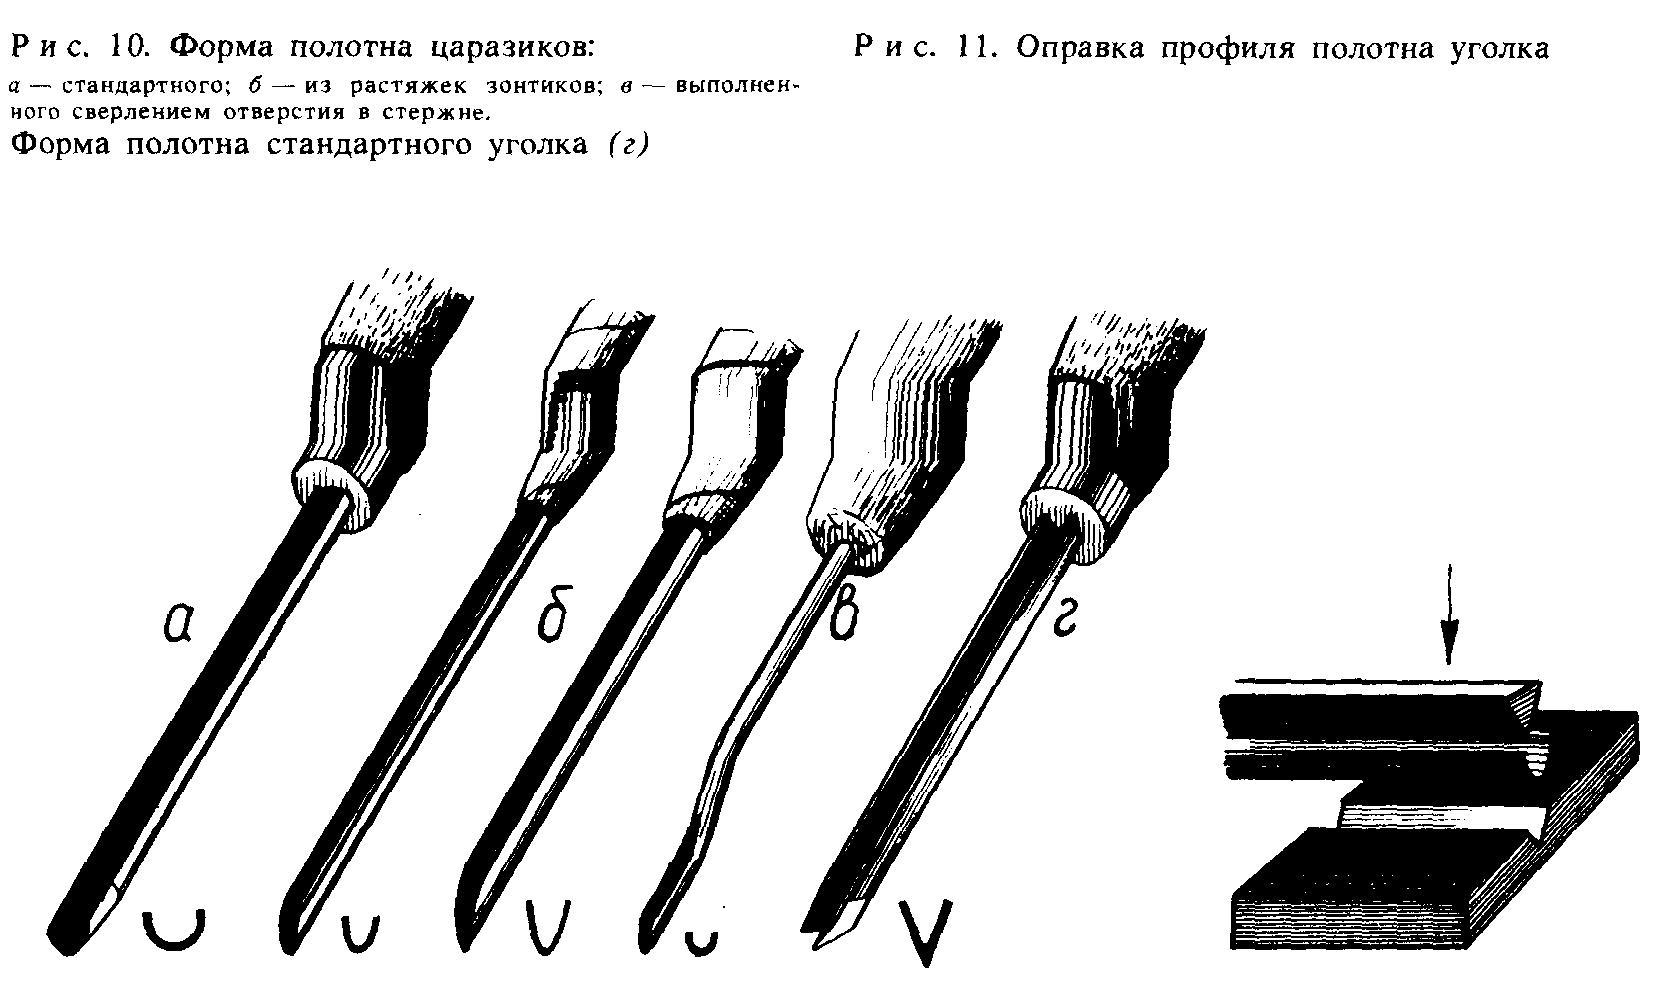 Оборудование для прошивки ваз своими руками 12